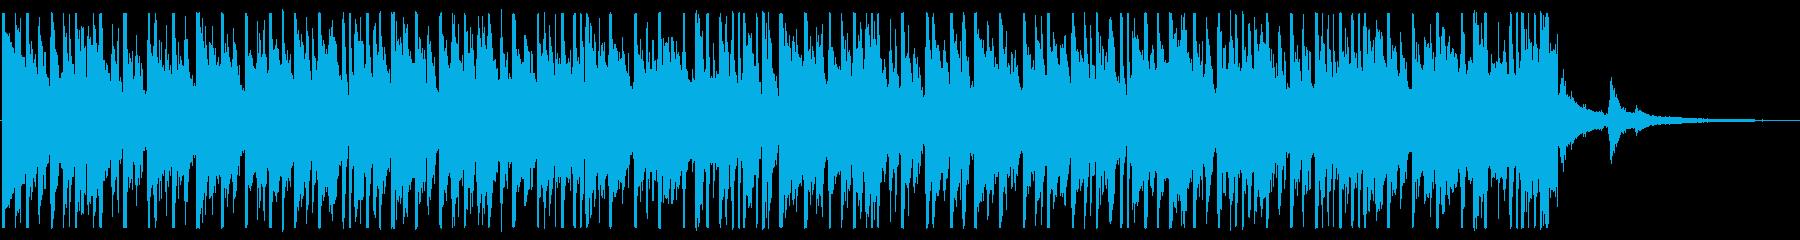 煌びやか/夜景/ディスコ_No694_5の再生済みの波形